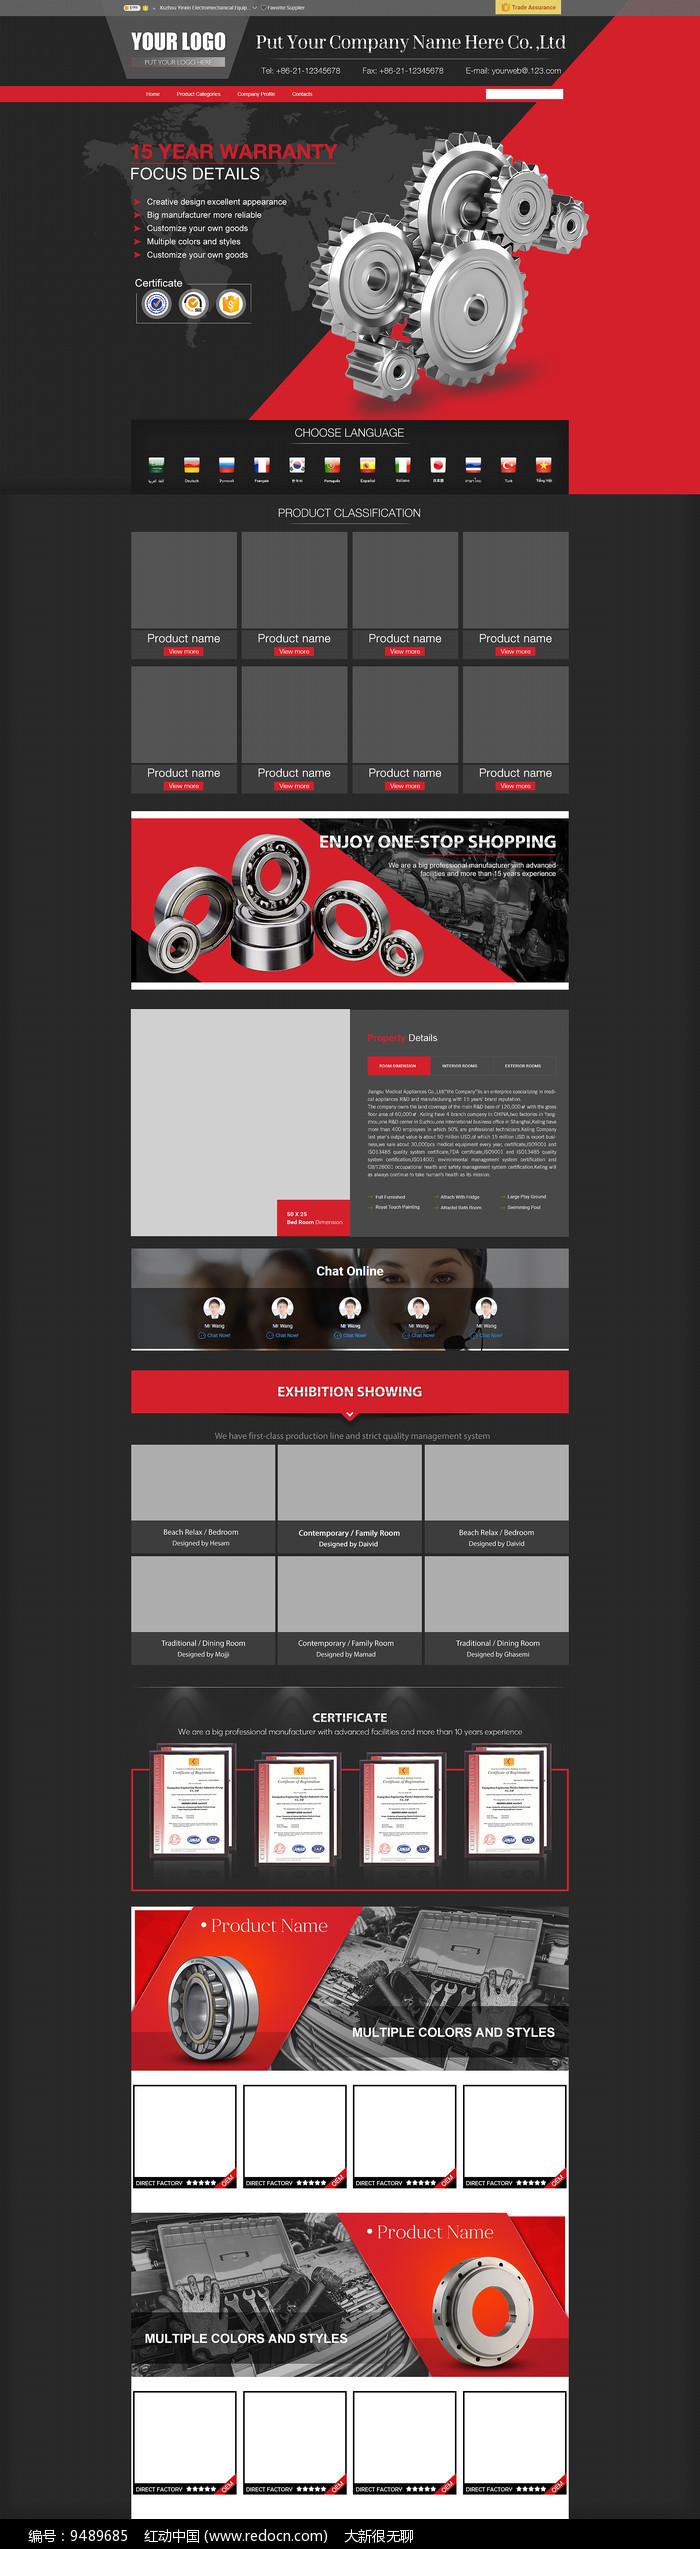 阿里汽车机械配件国际站首页图片